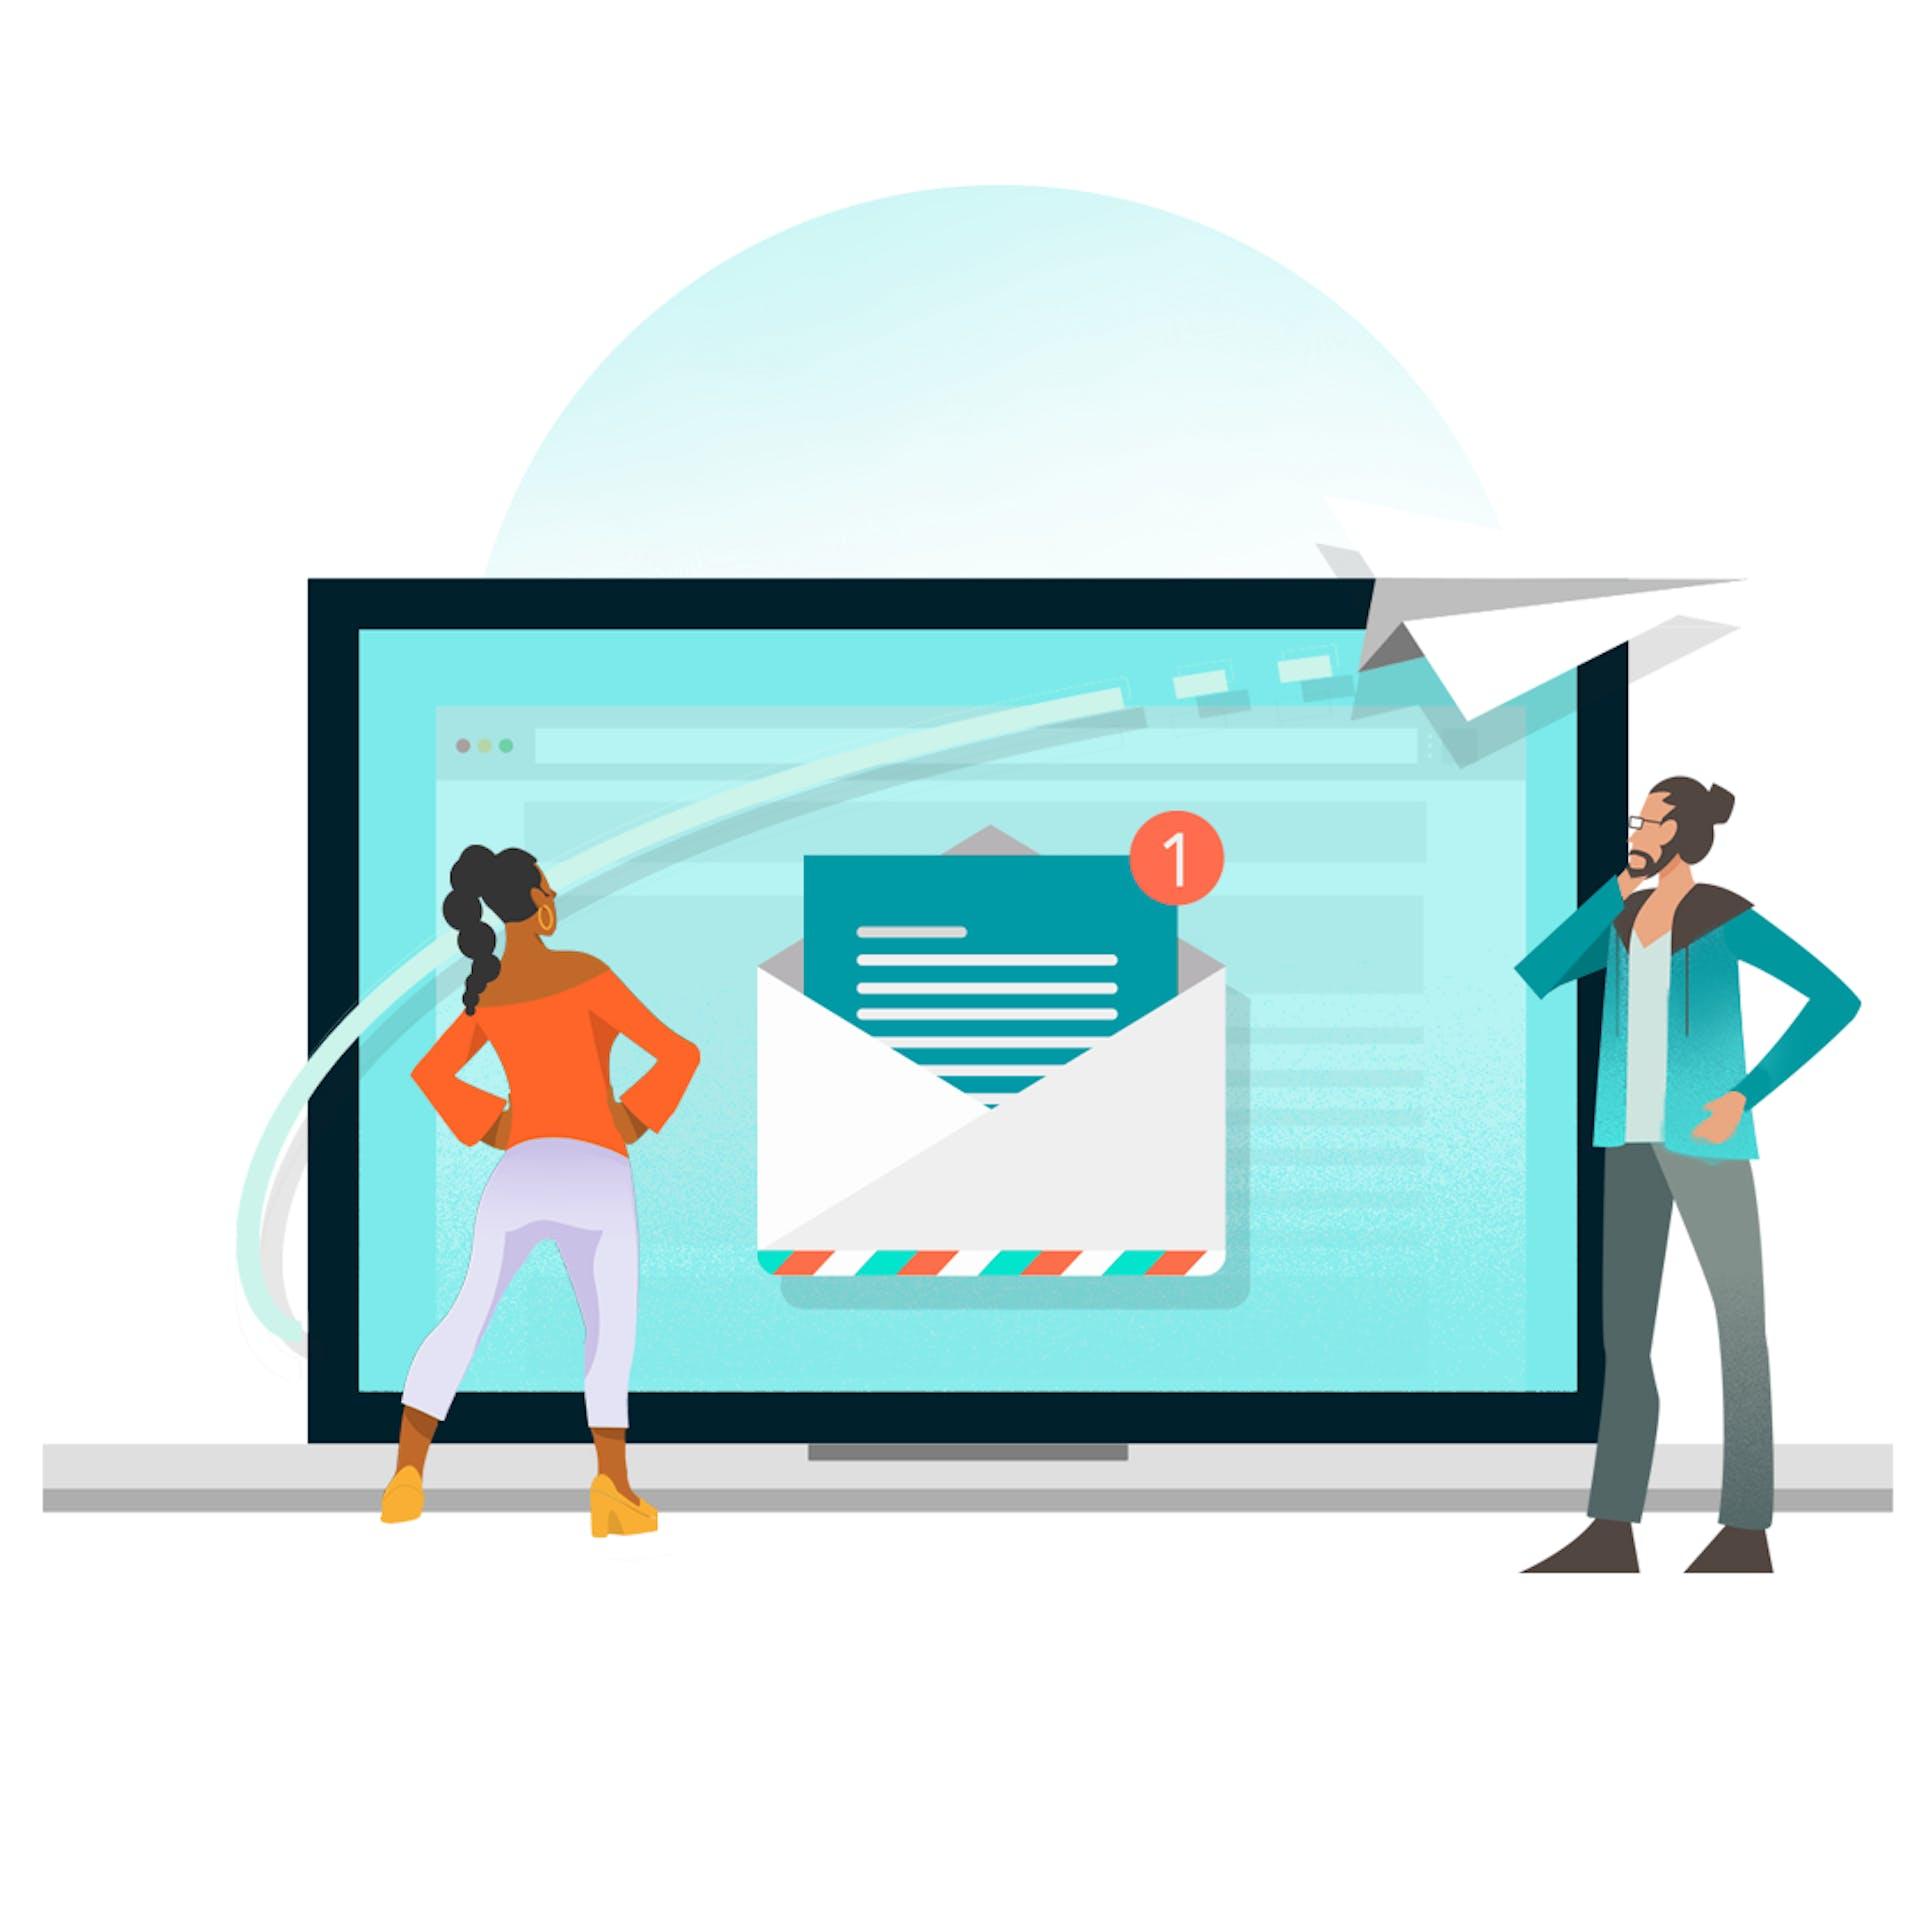 Illustration graphique de personnes devant un ordinateur portable avec une boîte de réception